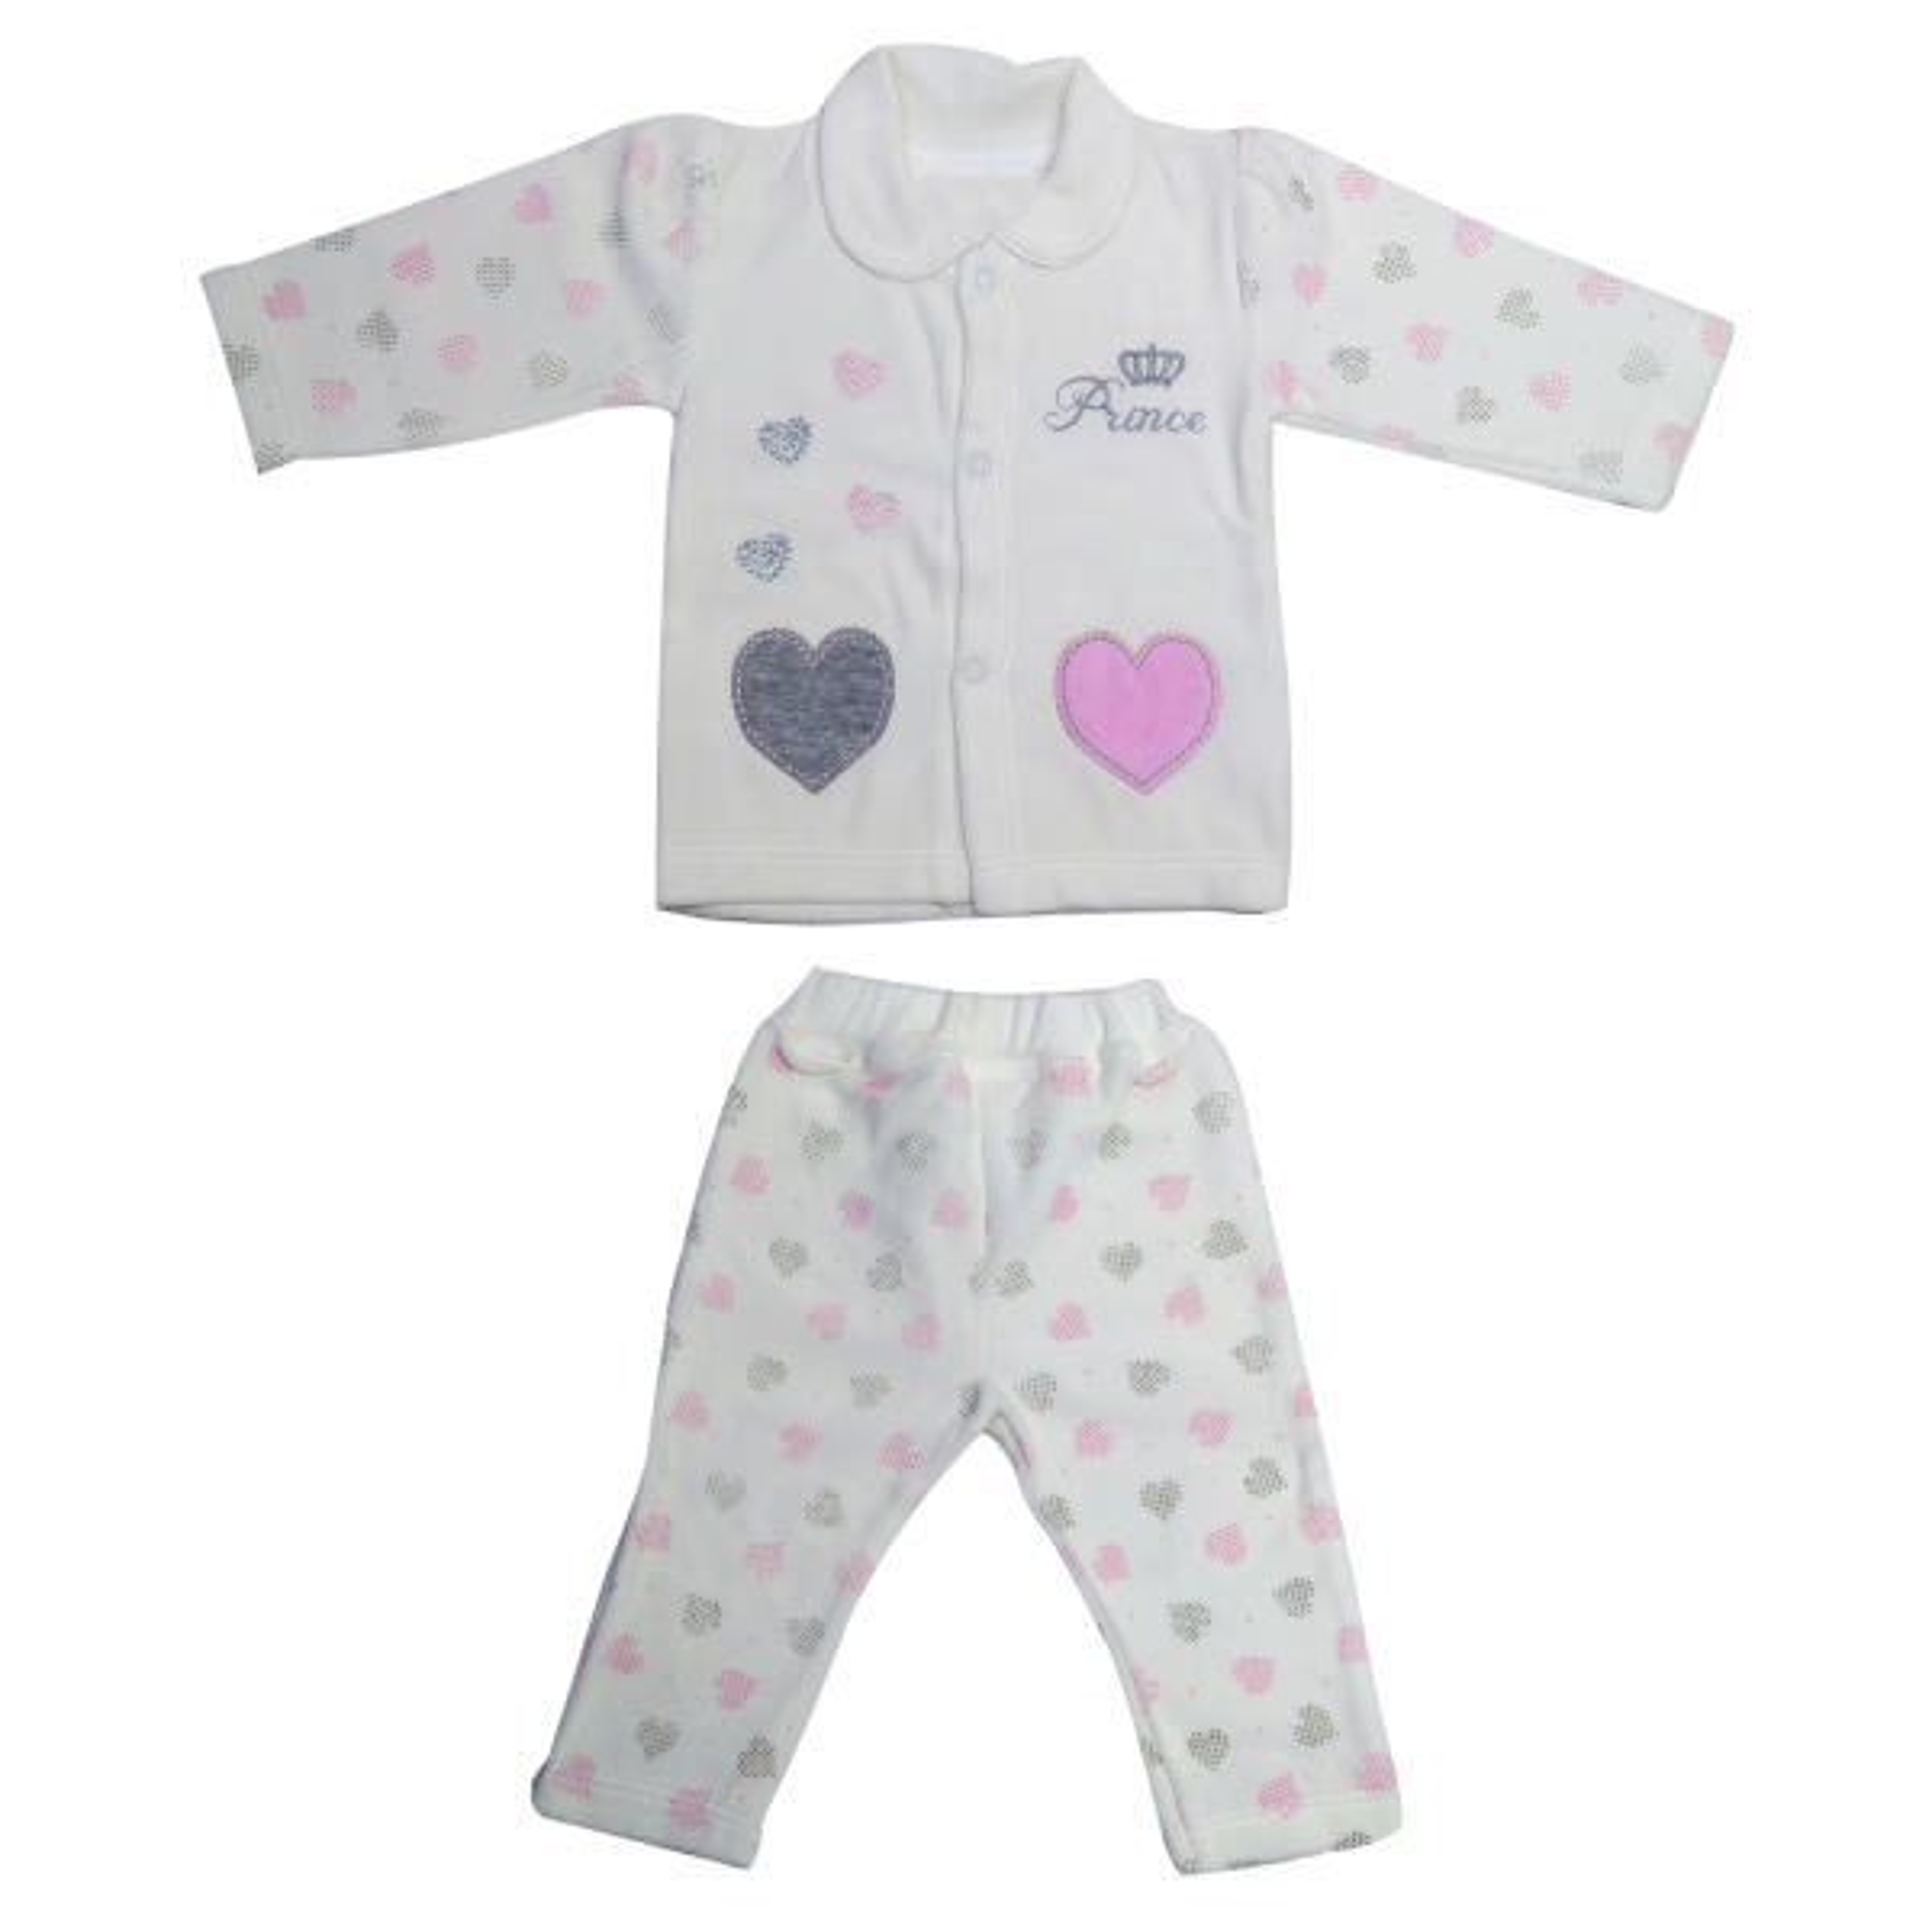 ست سویشرت و شلوار نوزادی مدل قلب پرنسس رنگ صورتی